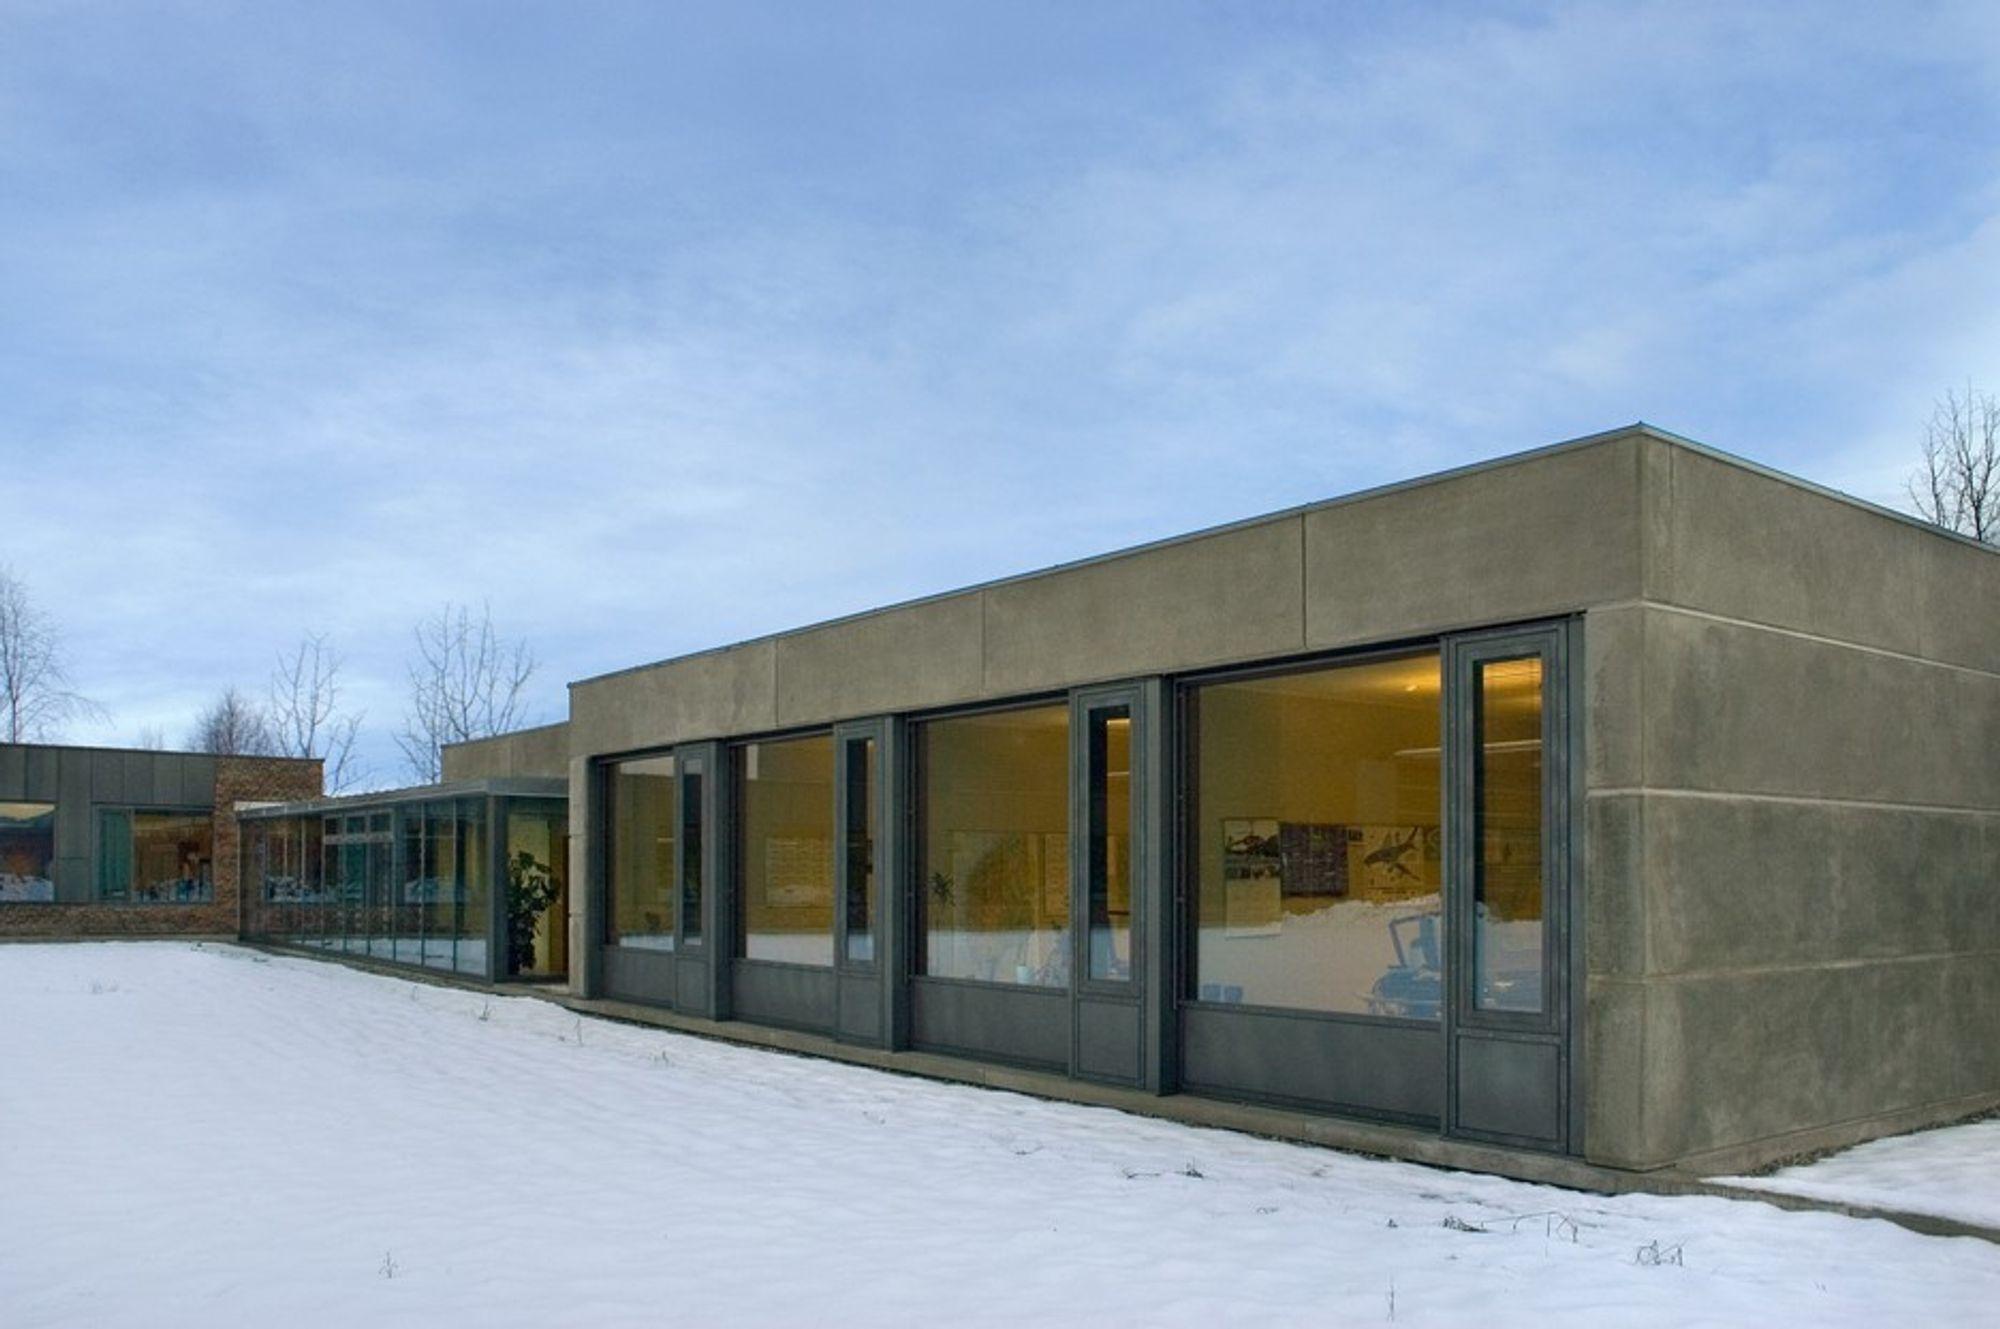 PRISET BYGG: Hvarikommisjonen for transport på Lillestrøm holder til i dette prisbelønte bygget, tegnet av Longva Arkitekter AS.